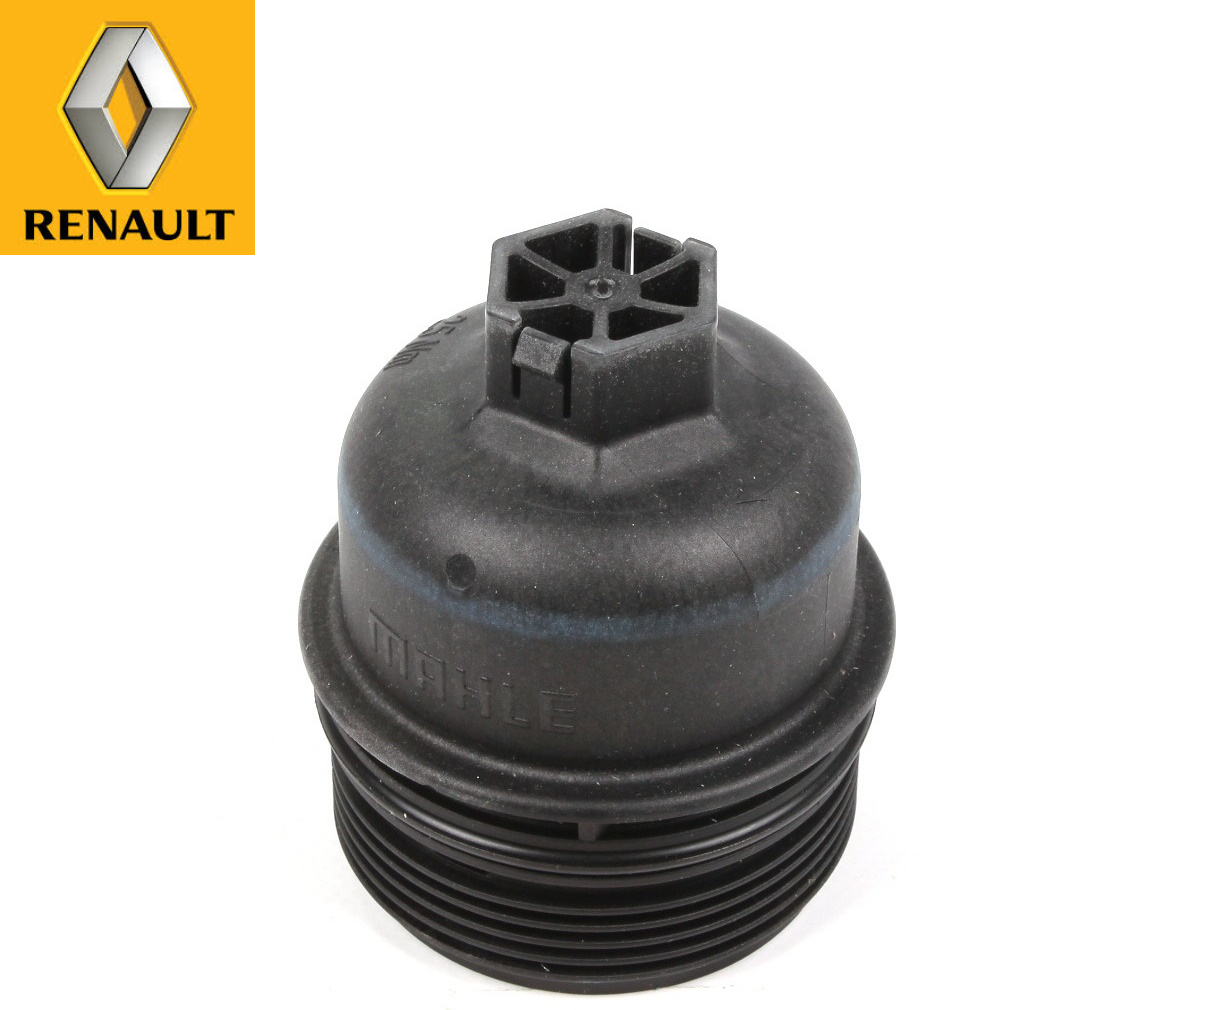 Кришка корпусу масляного фільтра на Renault Trafic III (1.6 dCi) з 2014... Renault (оригінал) 7701478537